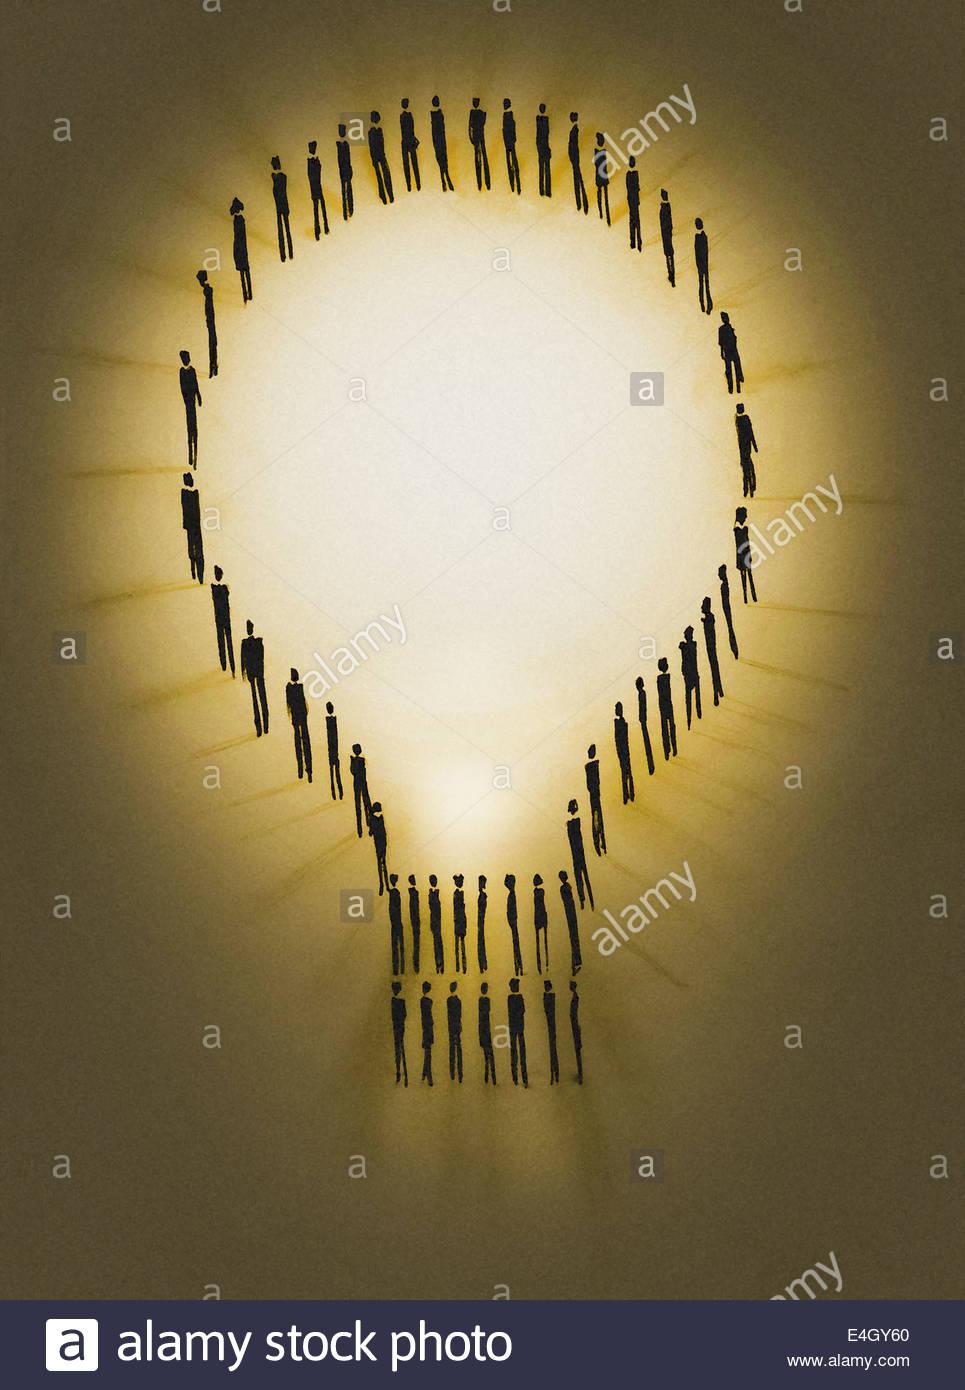 People outlining illuminated light bulb - Stock Image